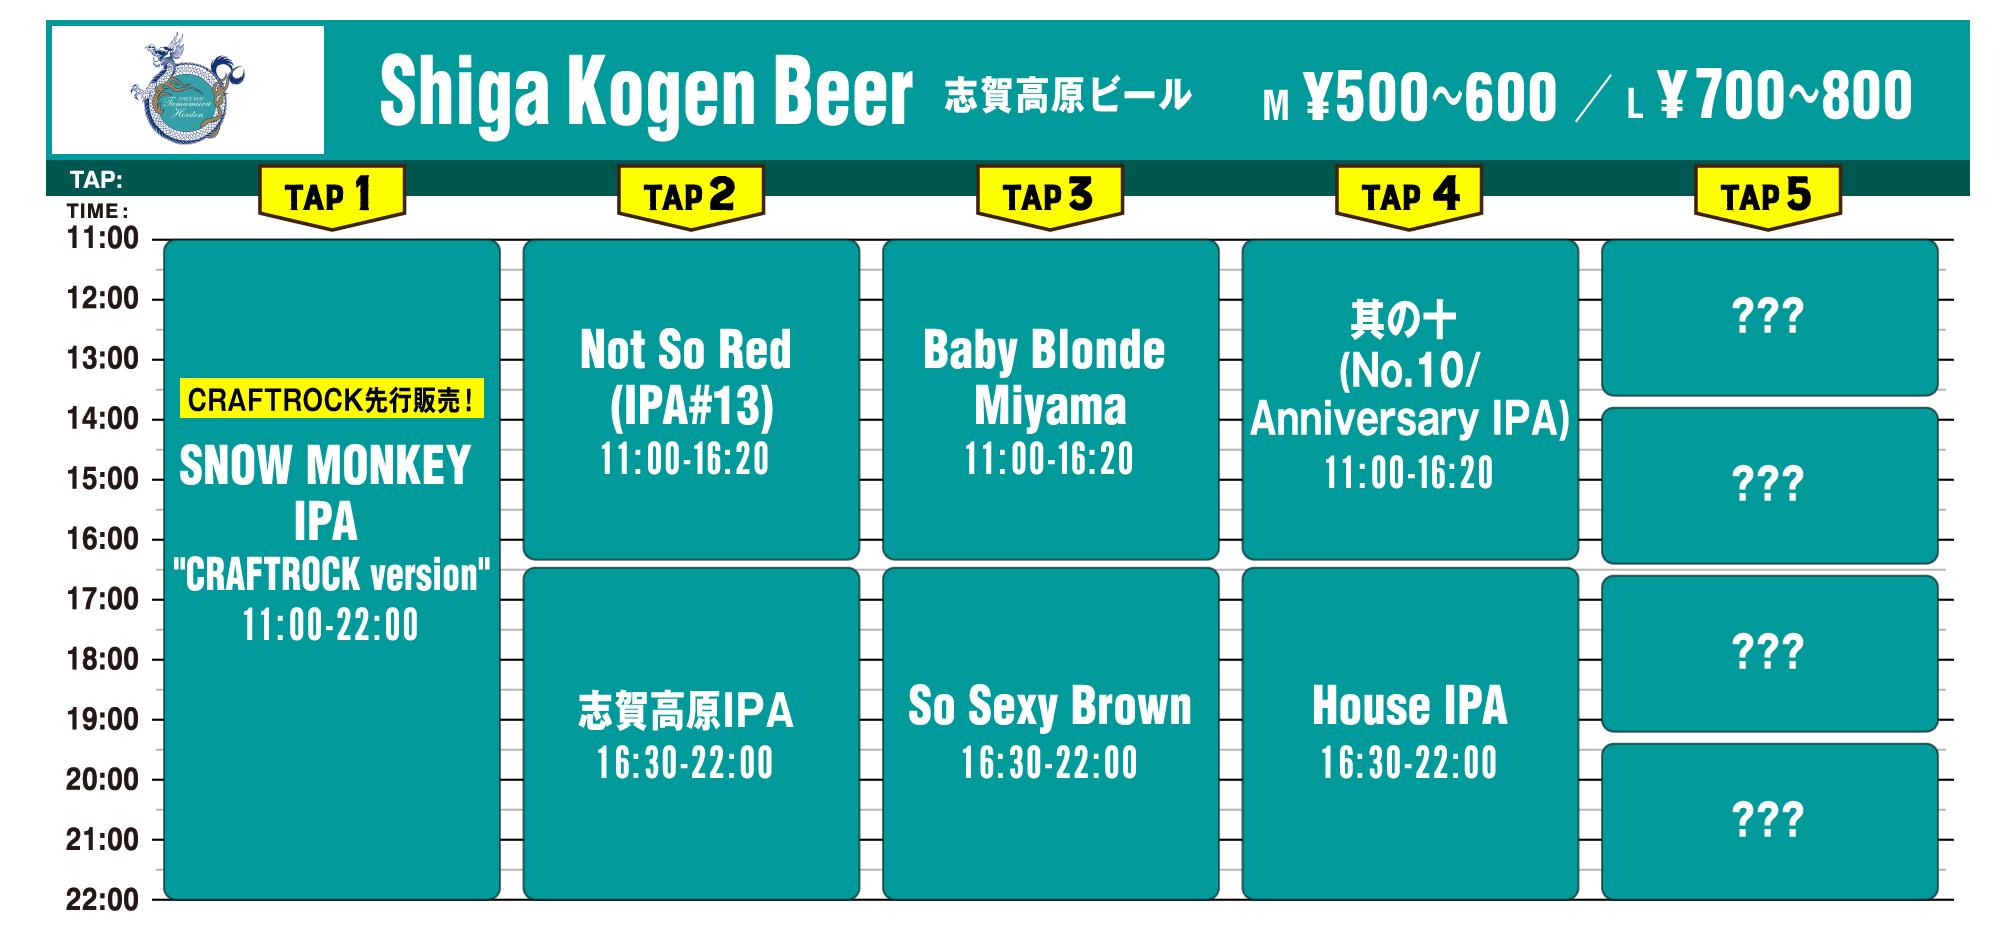 志賀高原ビール ビアタイムテーブル